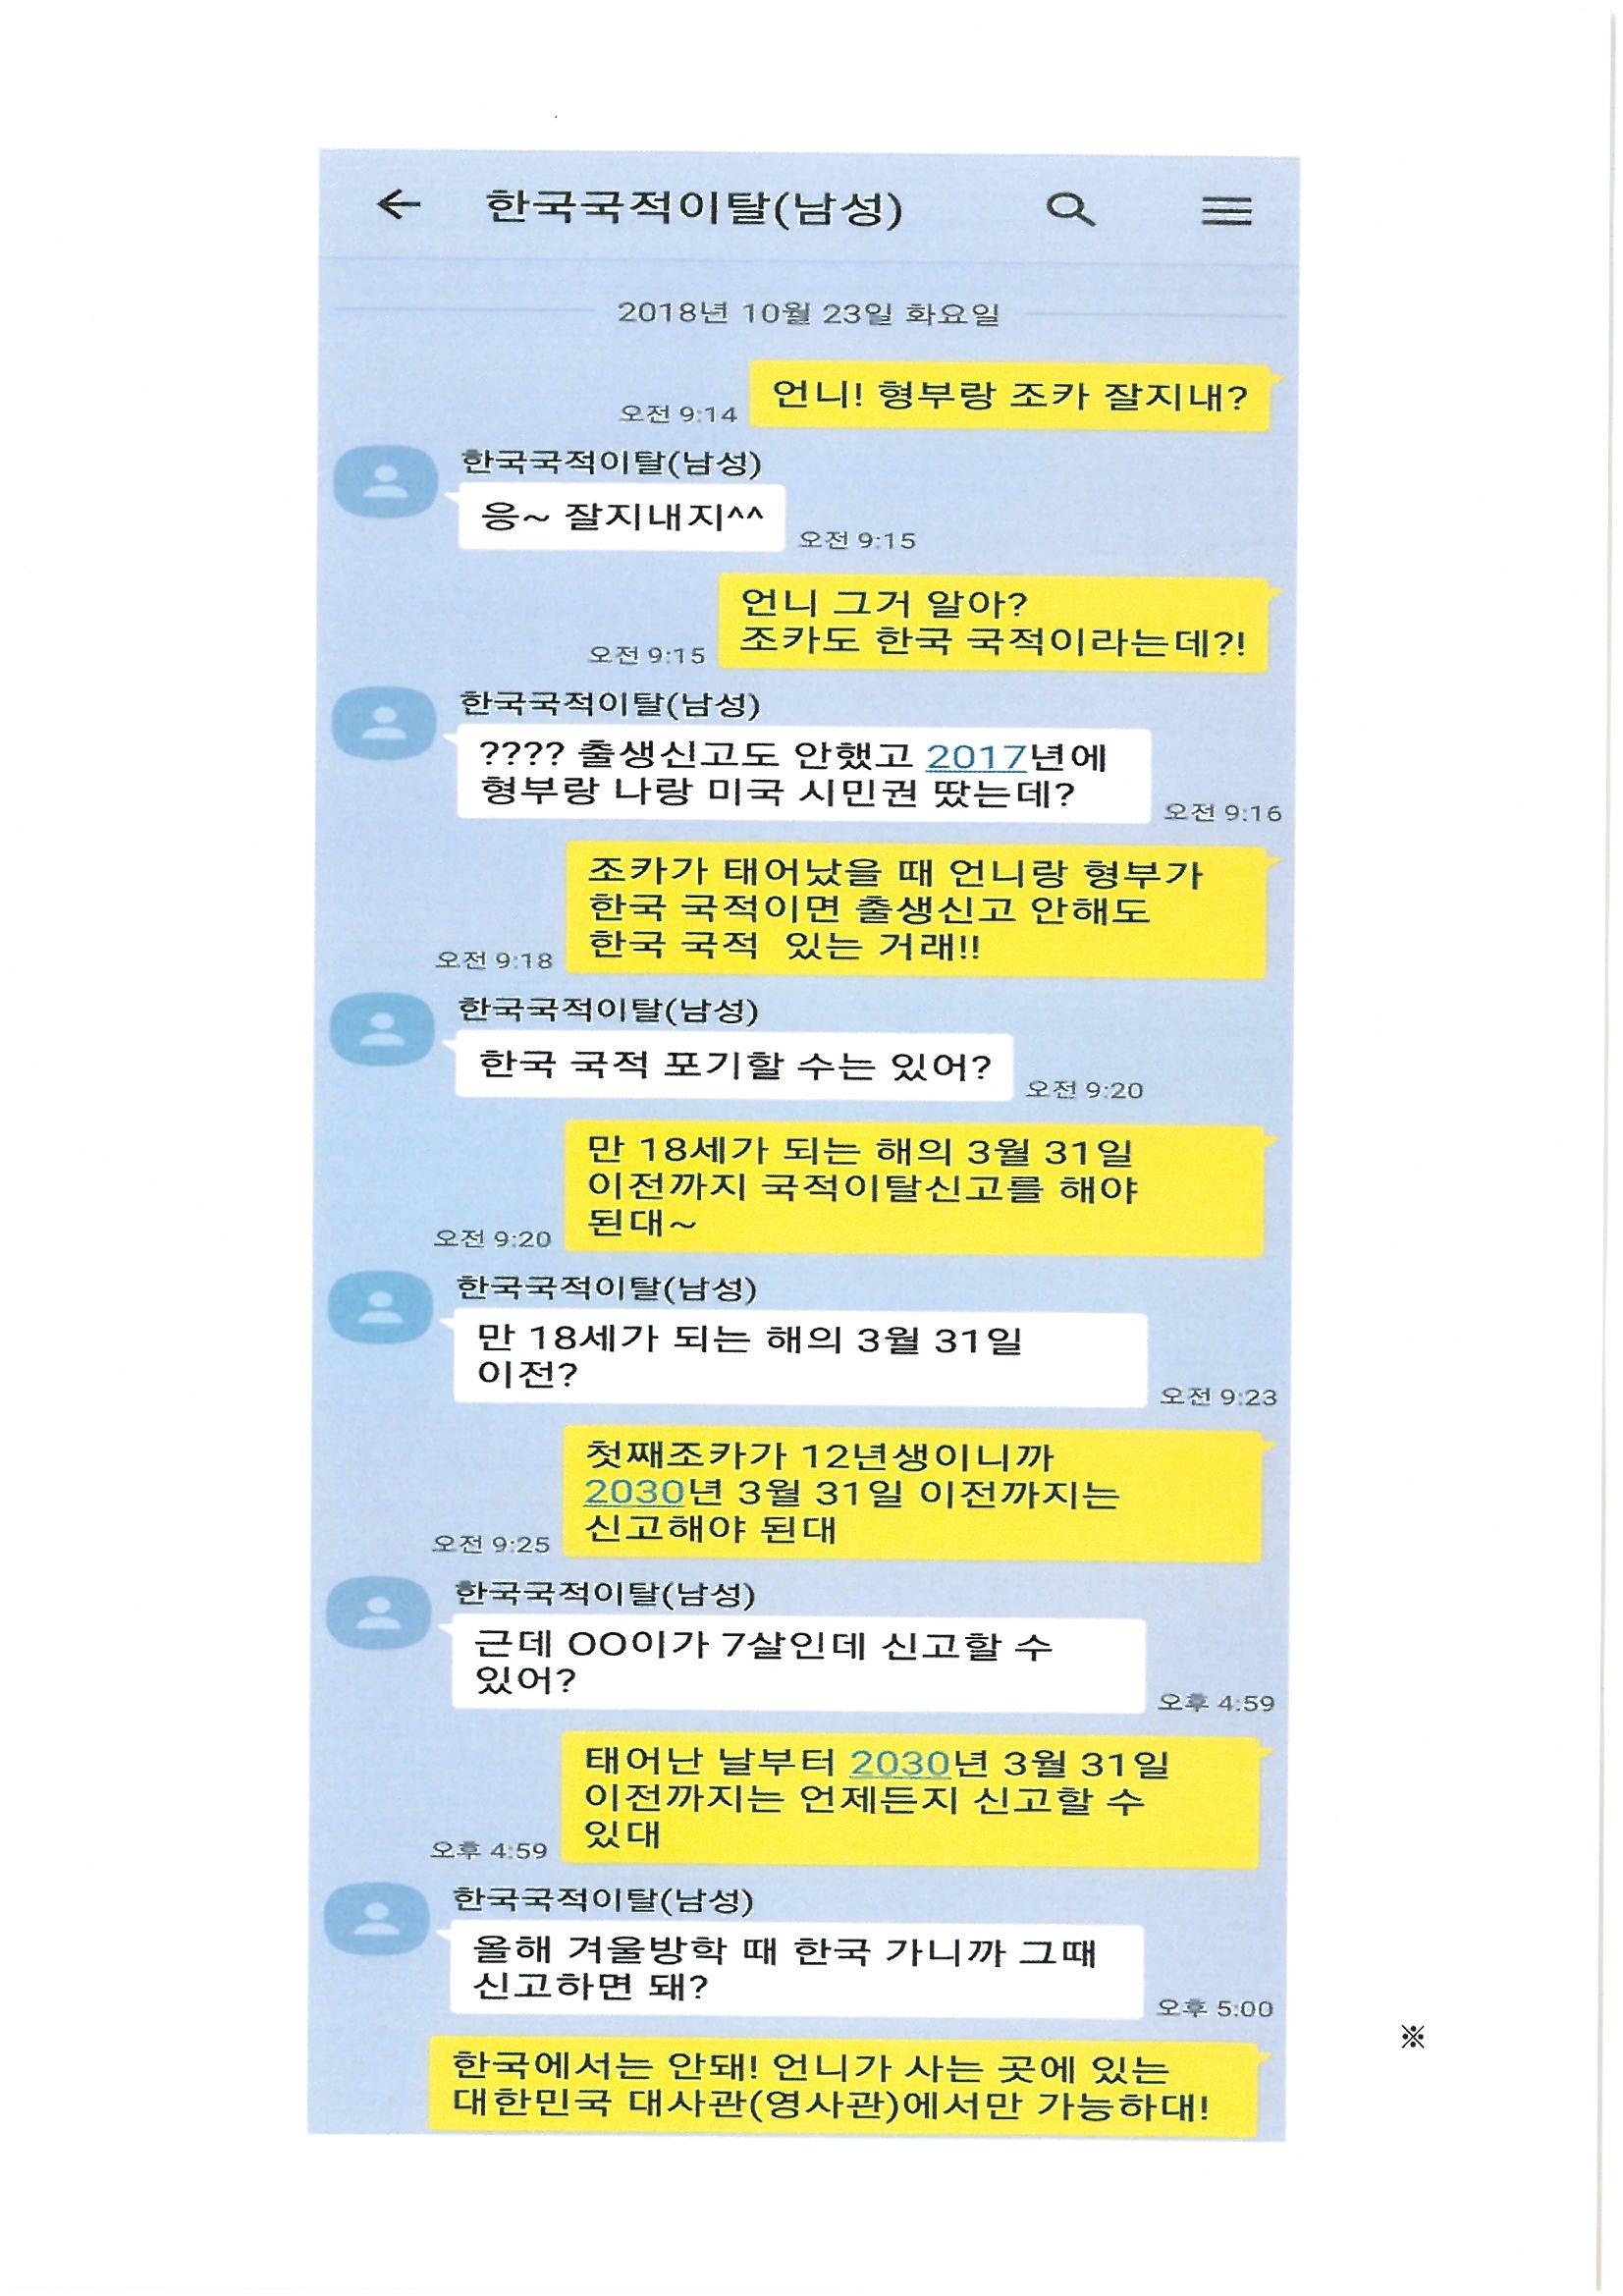 국적선택 홍보 자료(한인회장님)_페이지_10.jpg